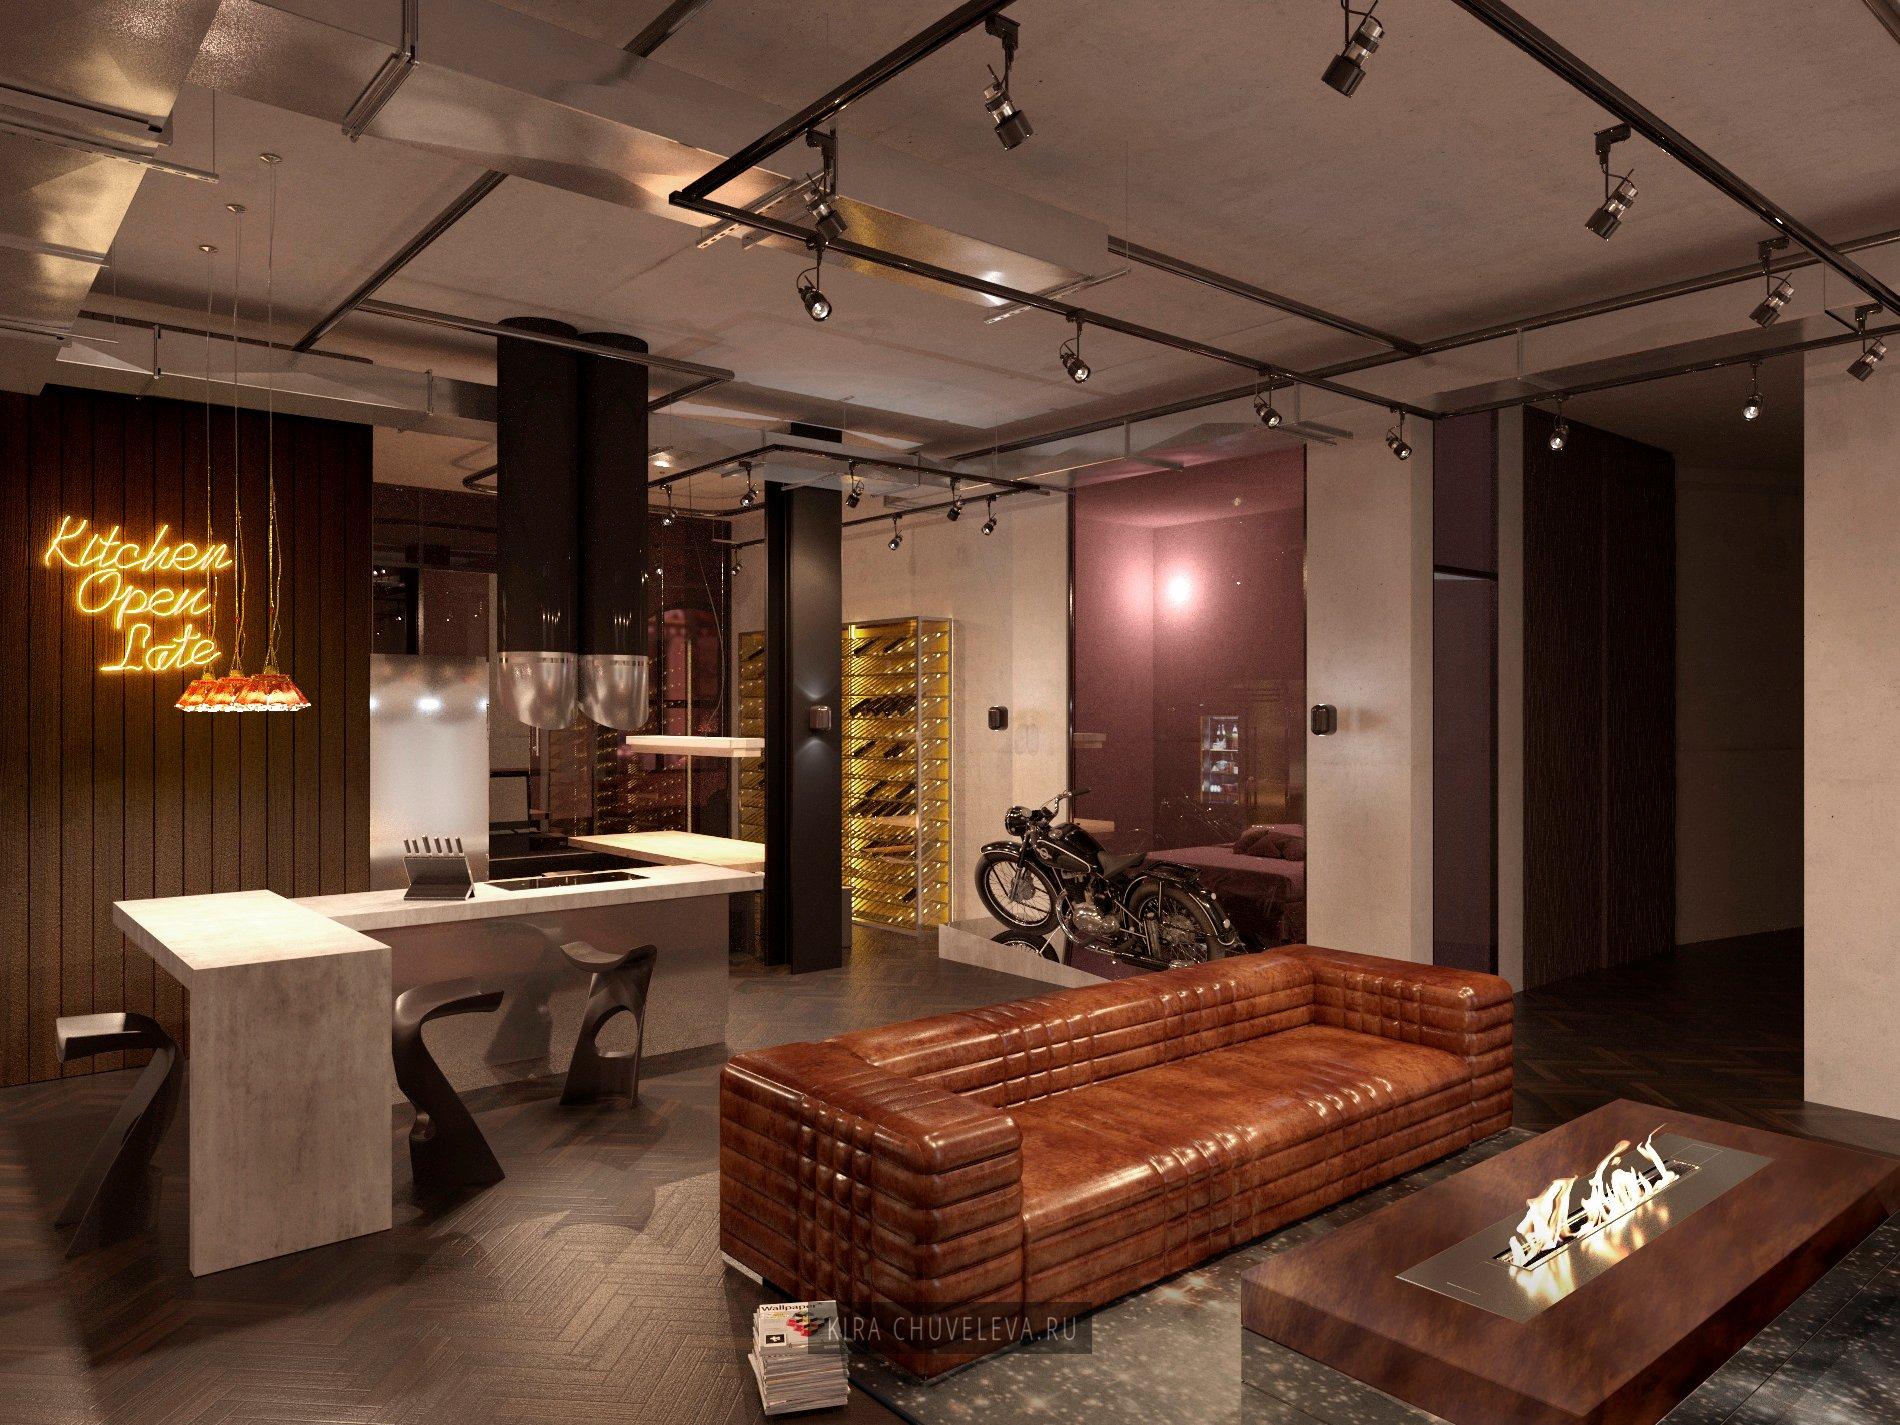 Depre-loft-concept-w- (4)